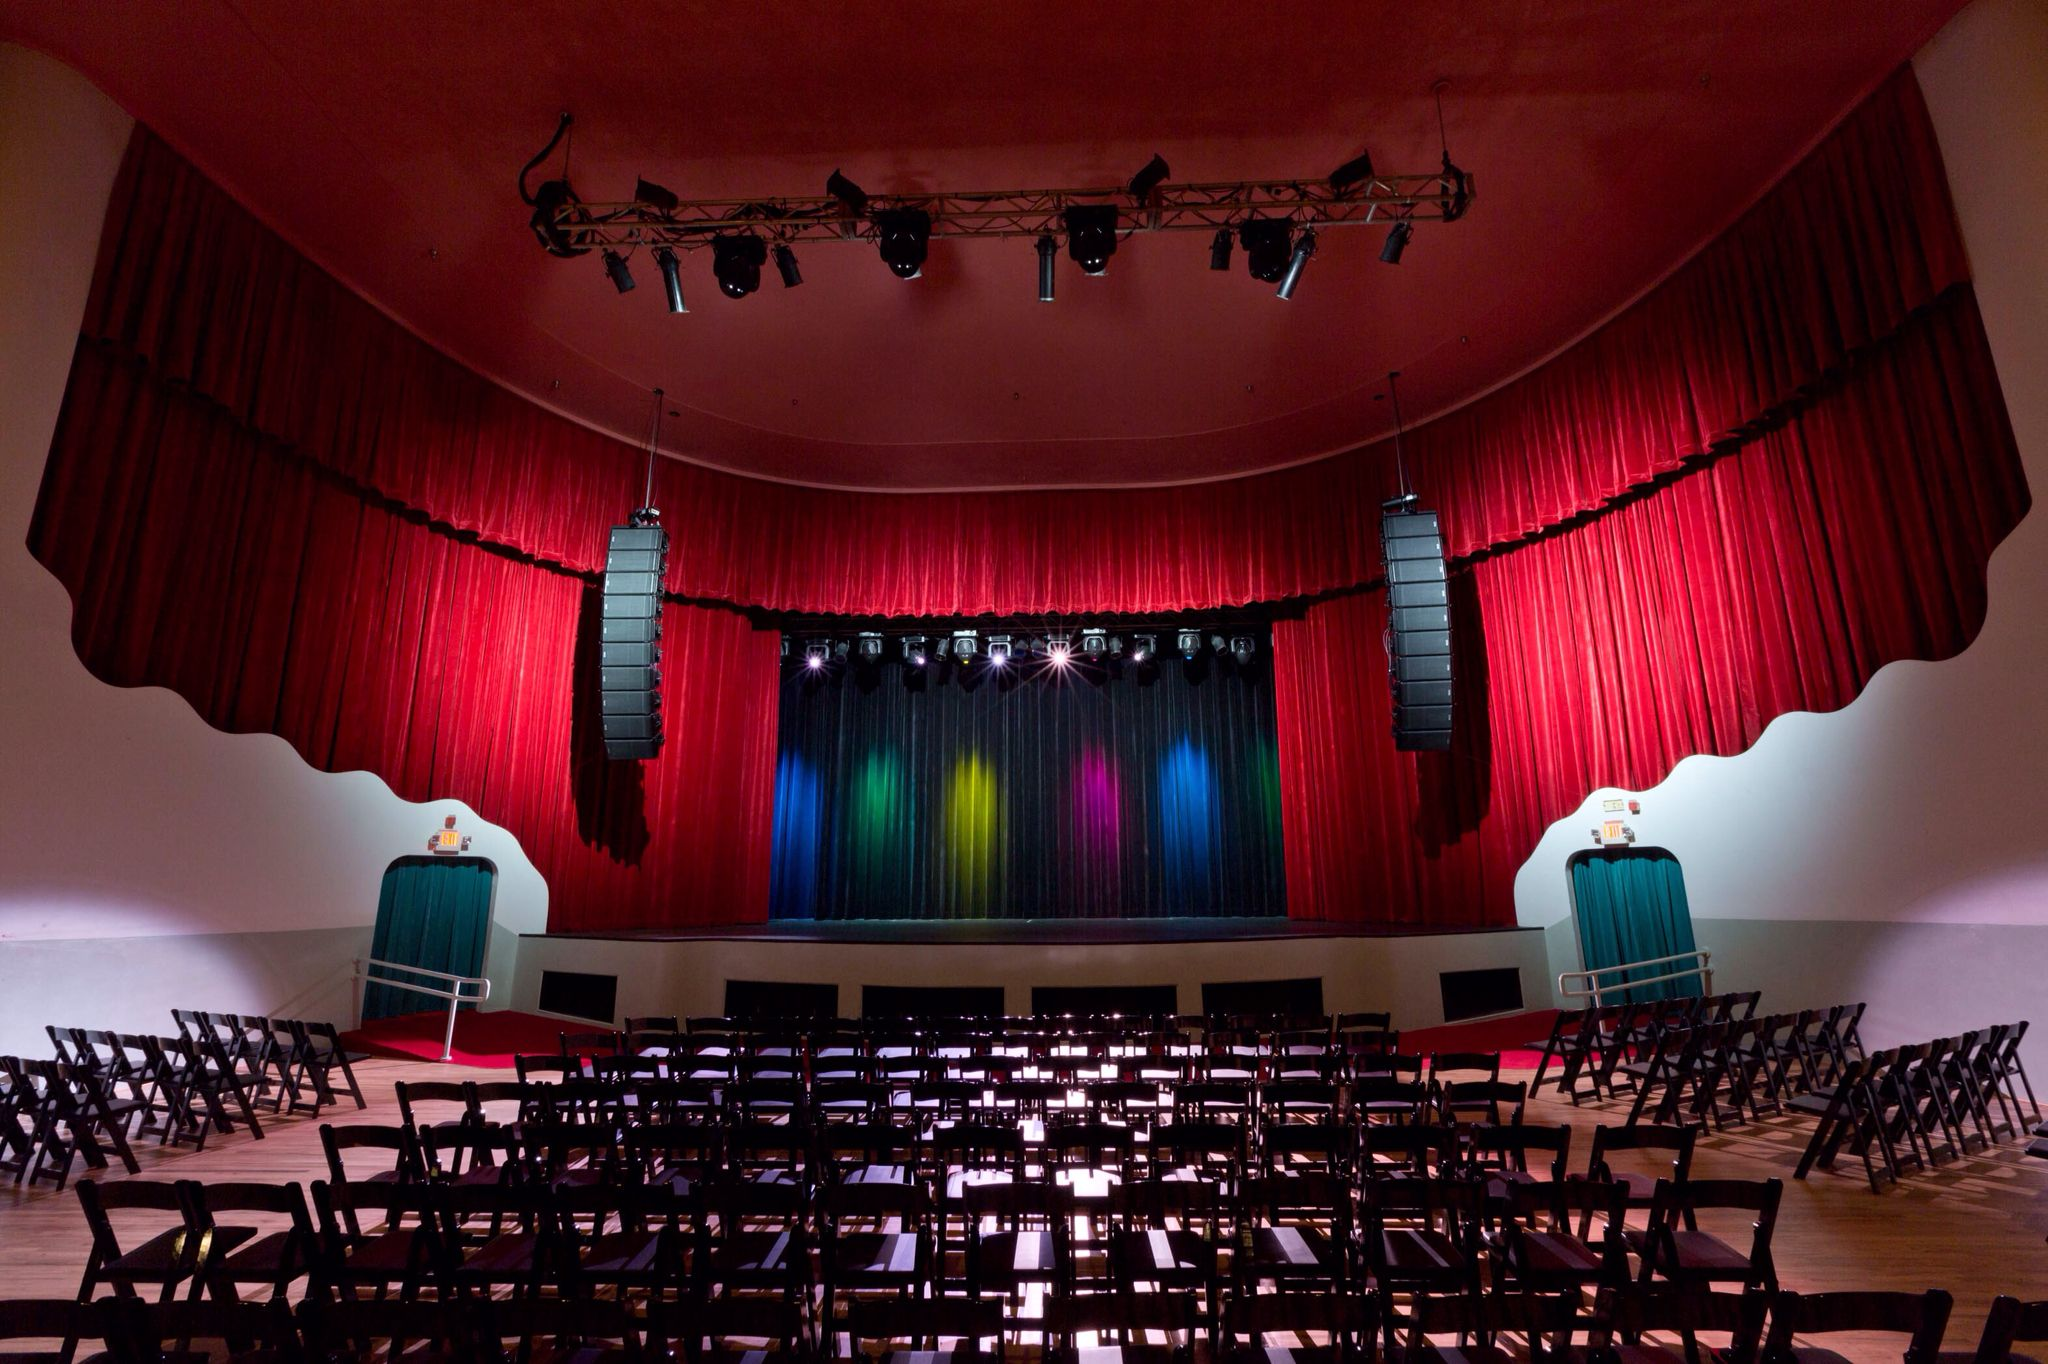 Ridglea Theater e of many seat ups